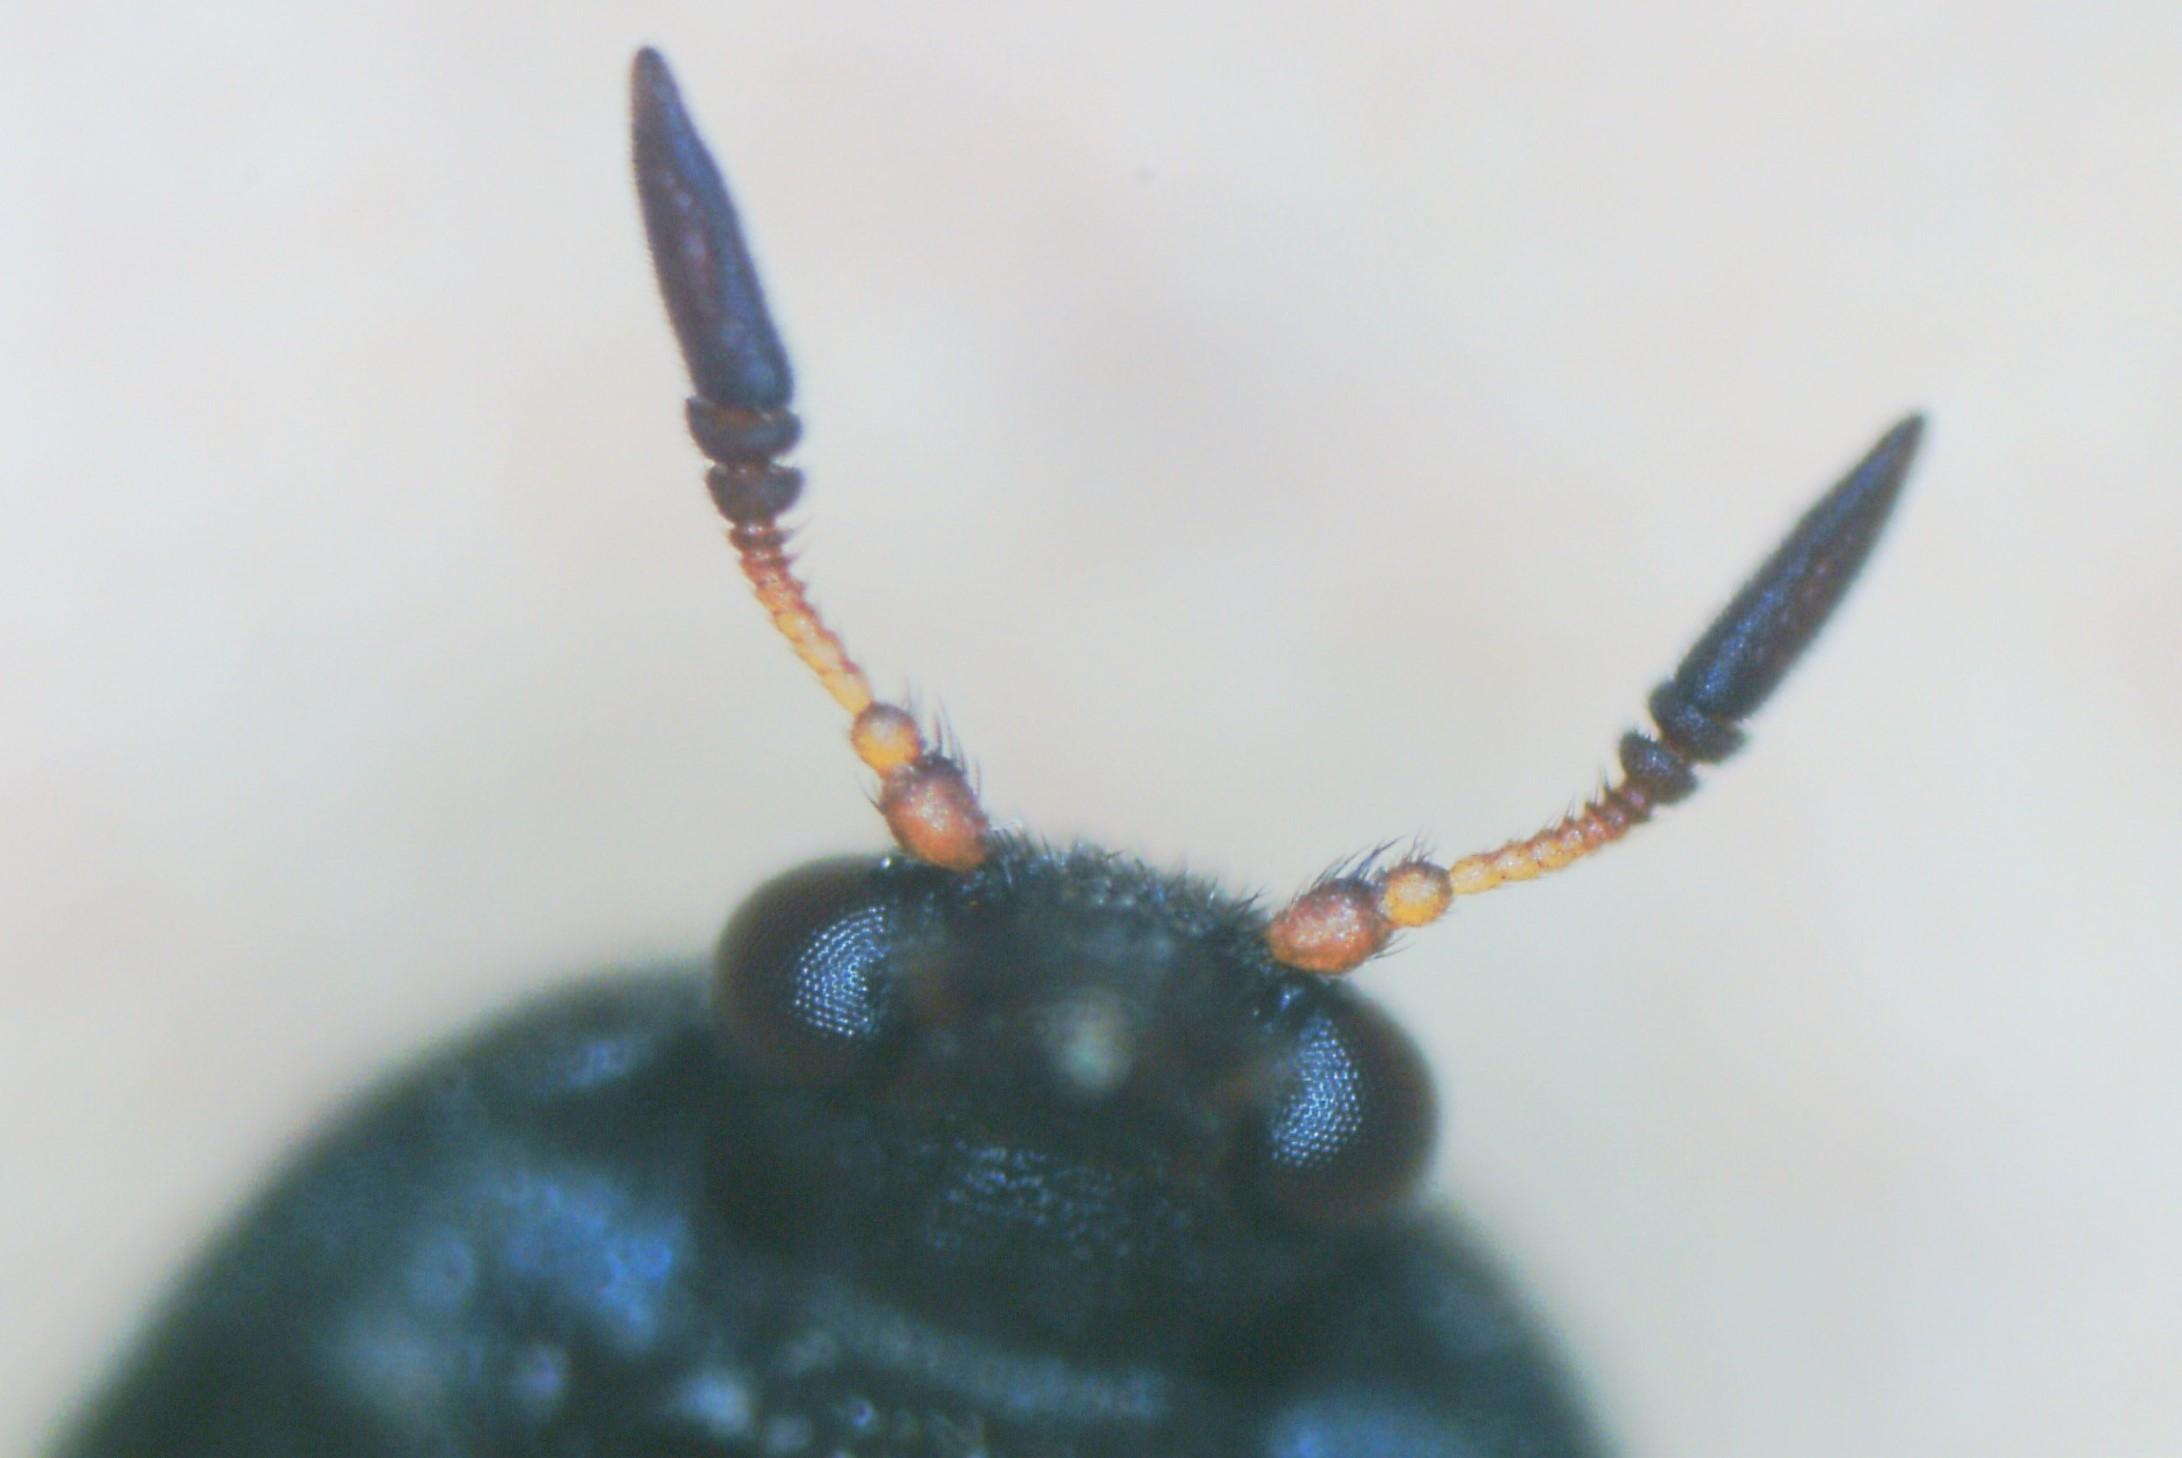 escarabajos Attagenus unicolor